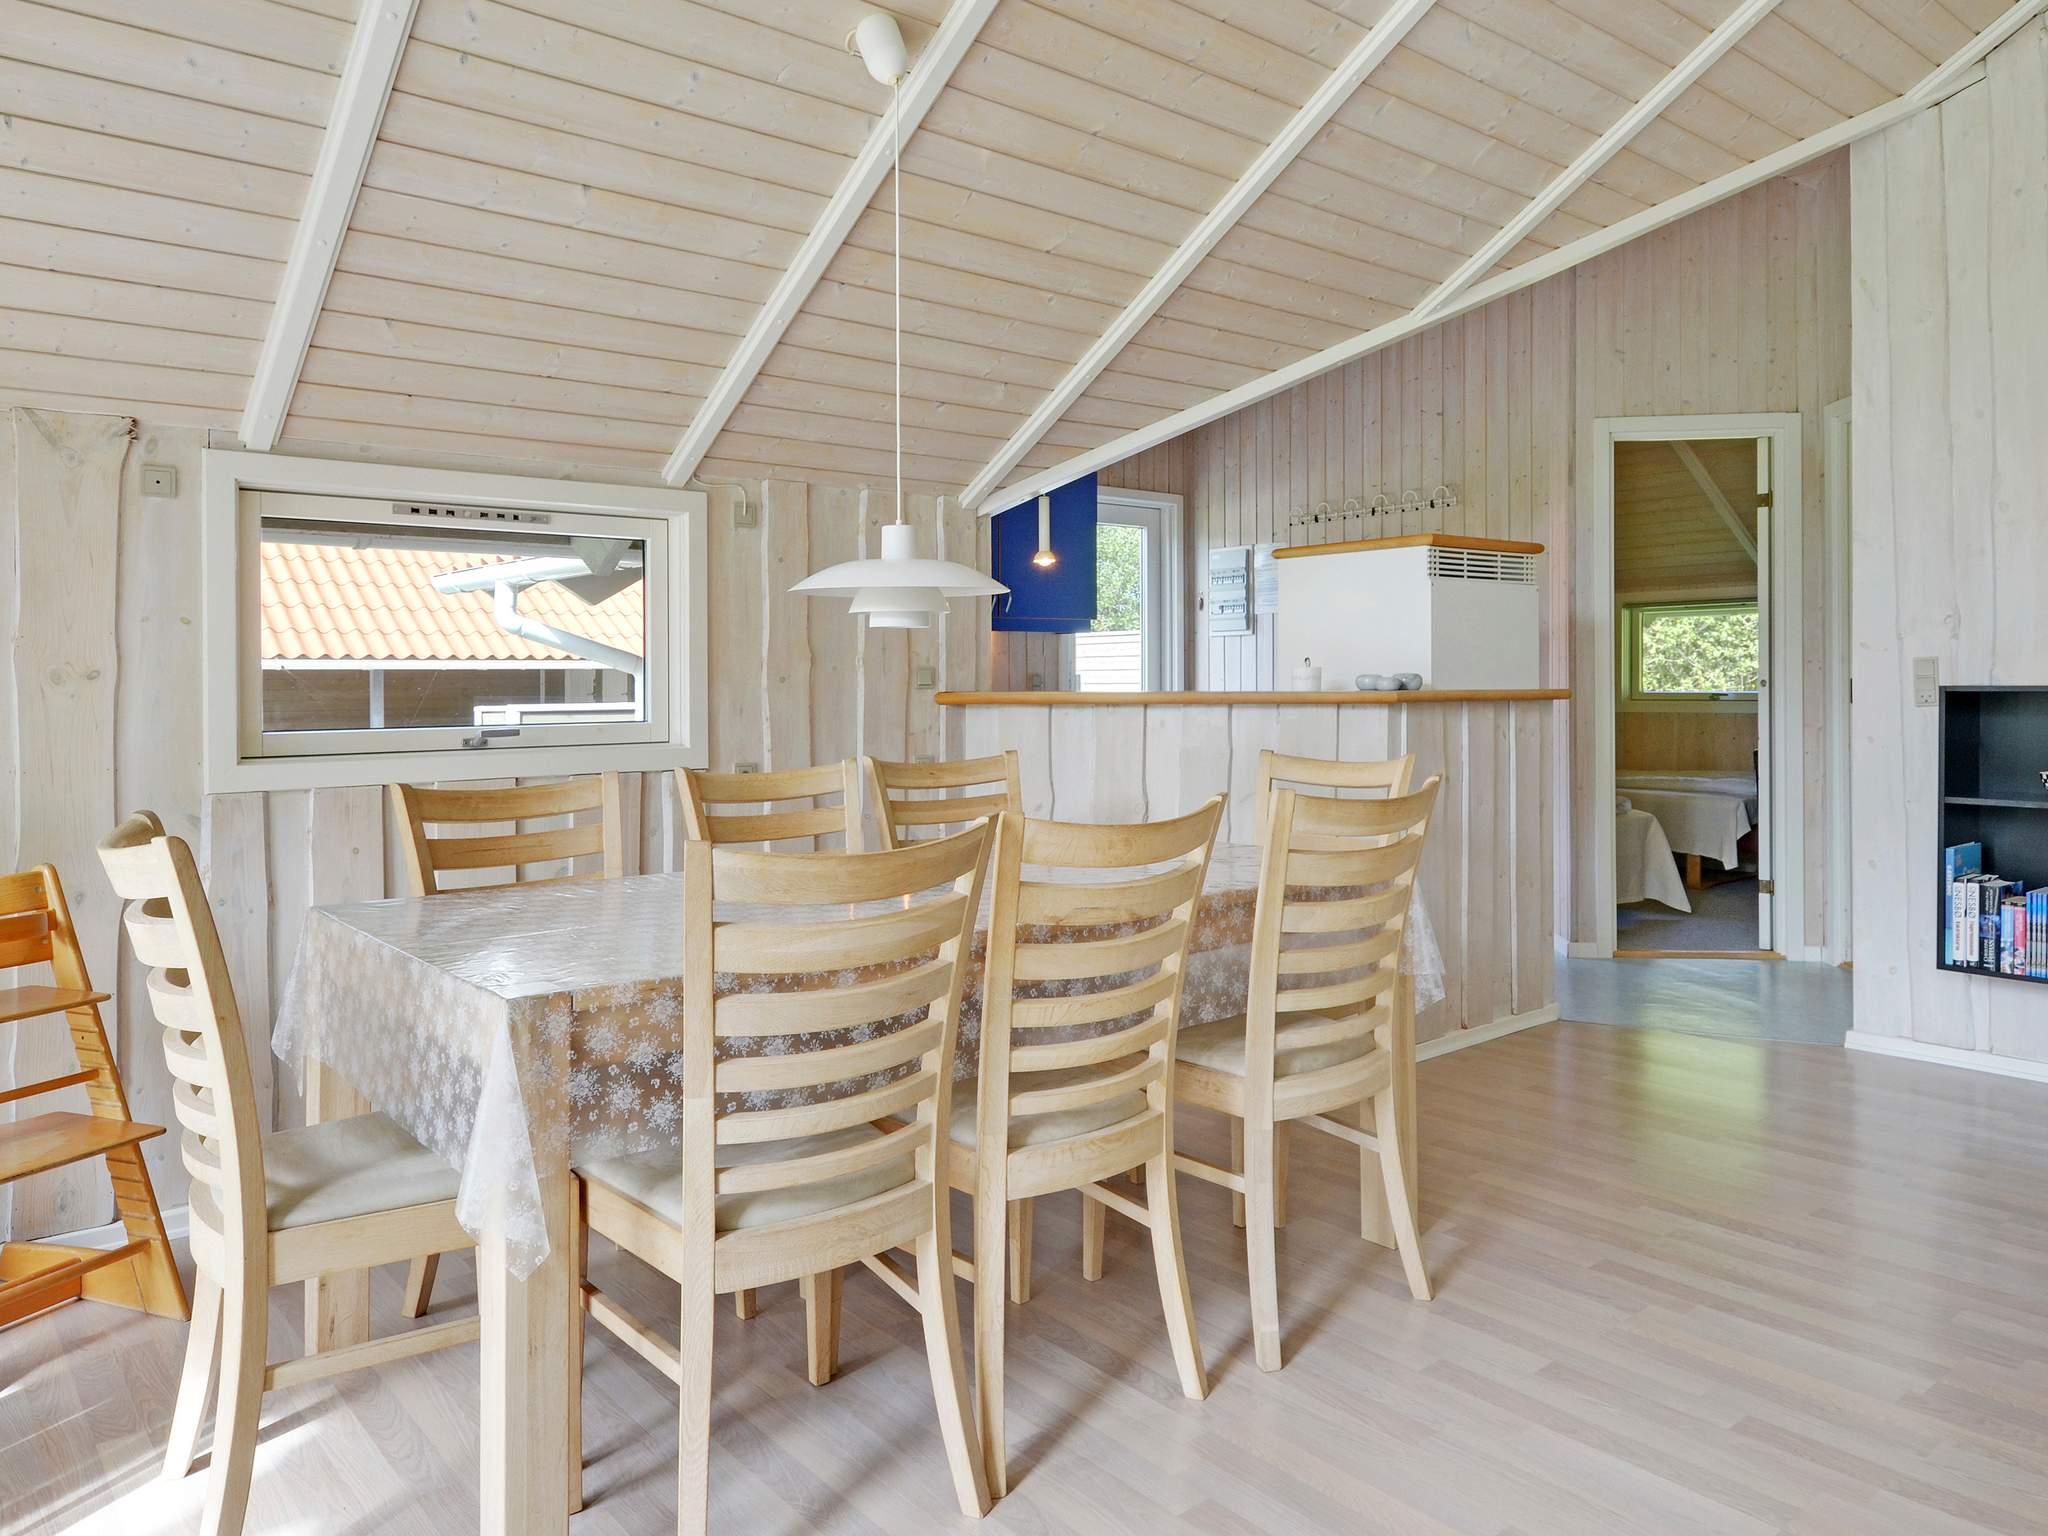 Ferienhaus Bork Havn (420070), Bork Havn, , Westjütland, Dänemark, Bild 4